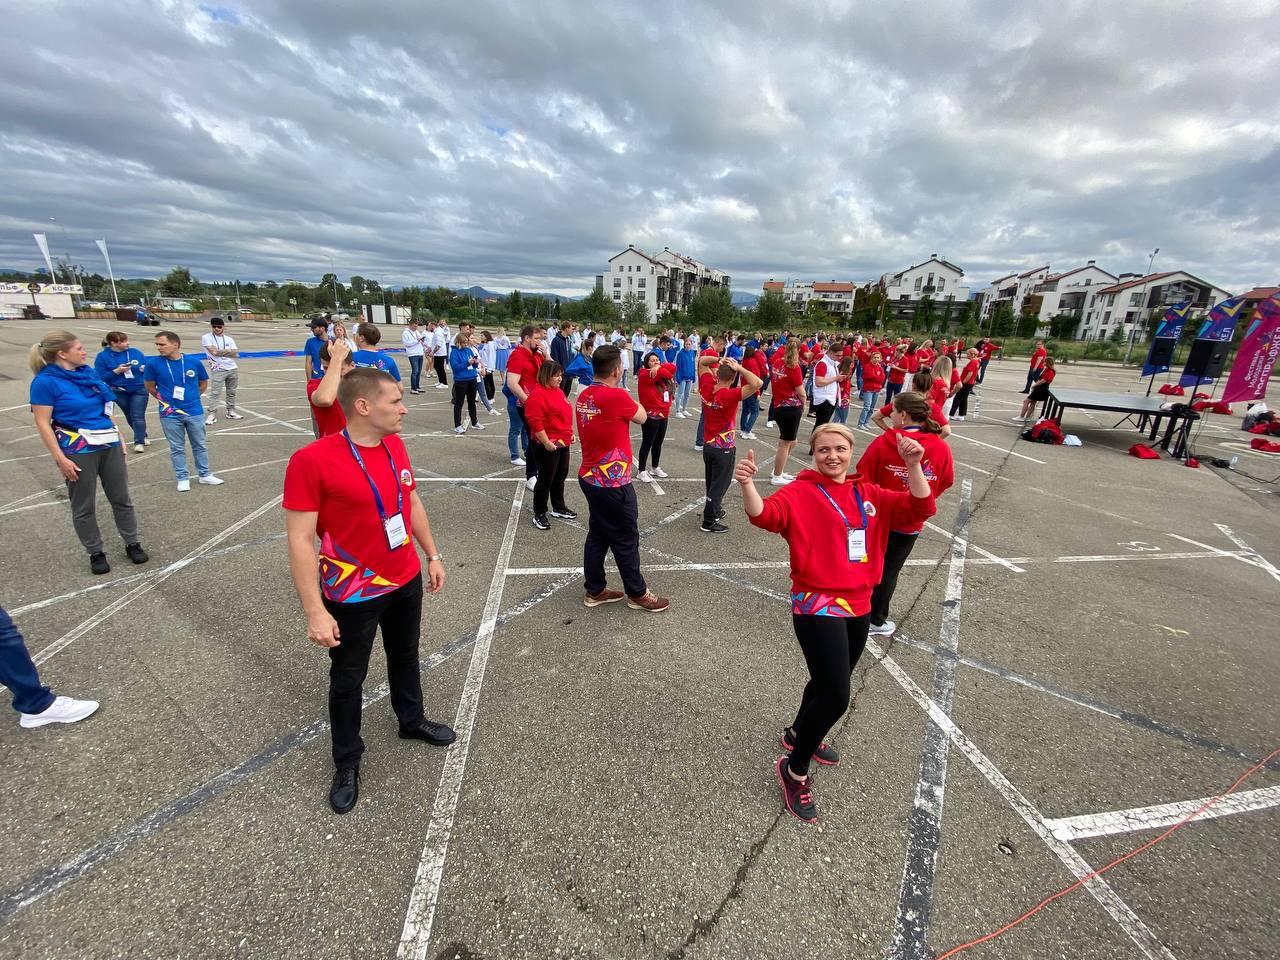 Молодежный совет на Фестивале молодежи в Сочи сентябрь-октябрь 2021